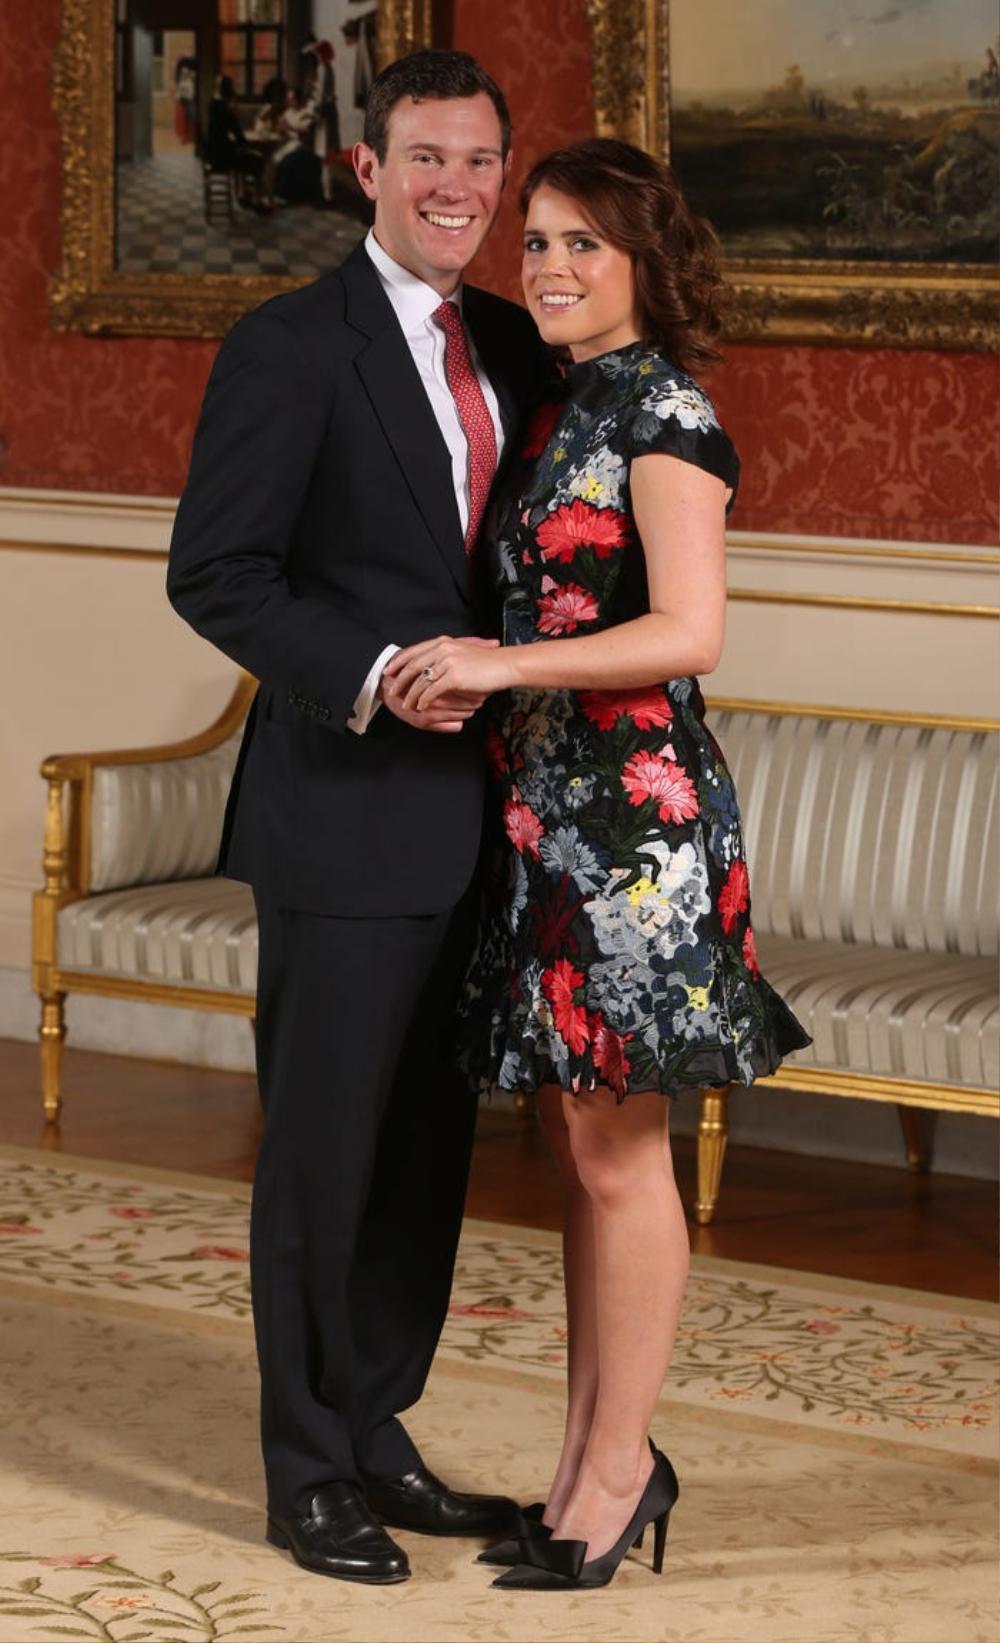 16 trang phục đắt tiền nhất mà thành viên hoàng gia Anh từng mặc Ảnh 13